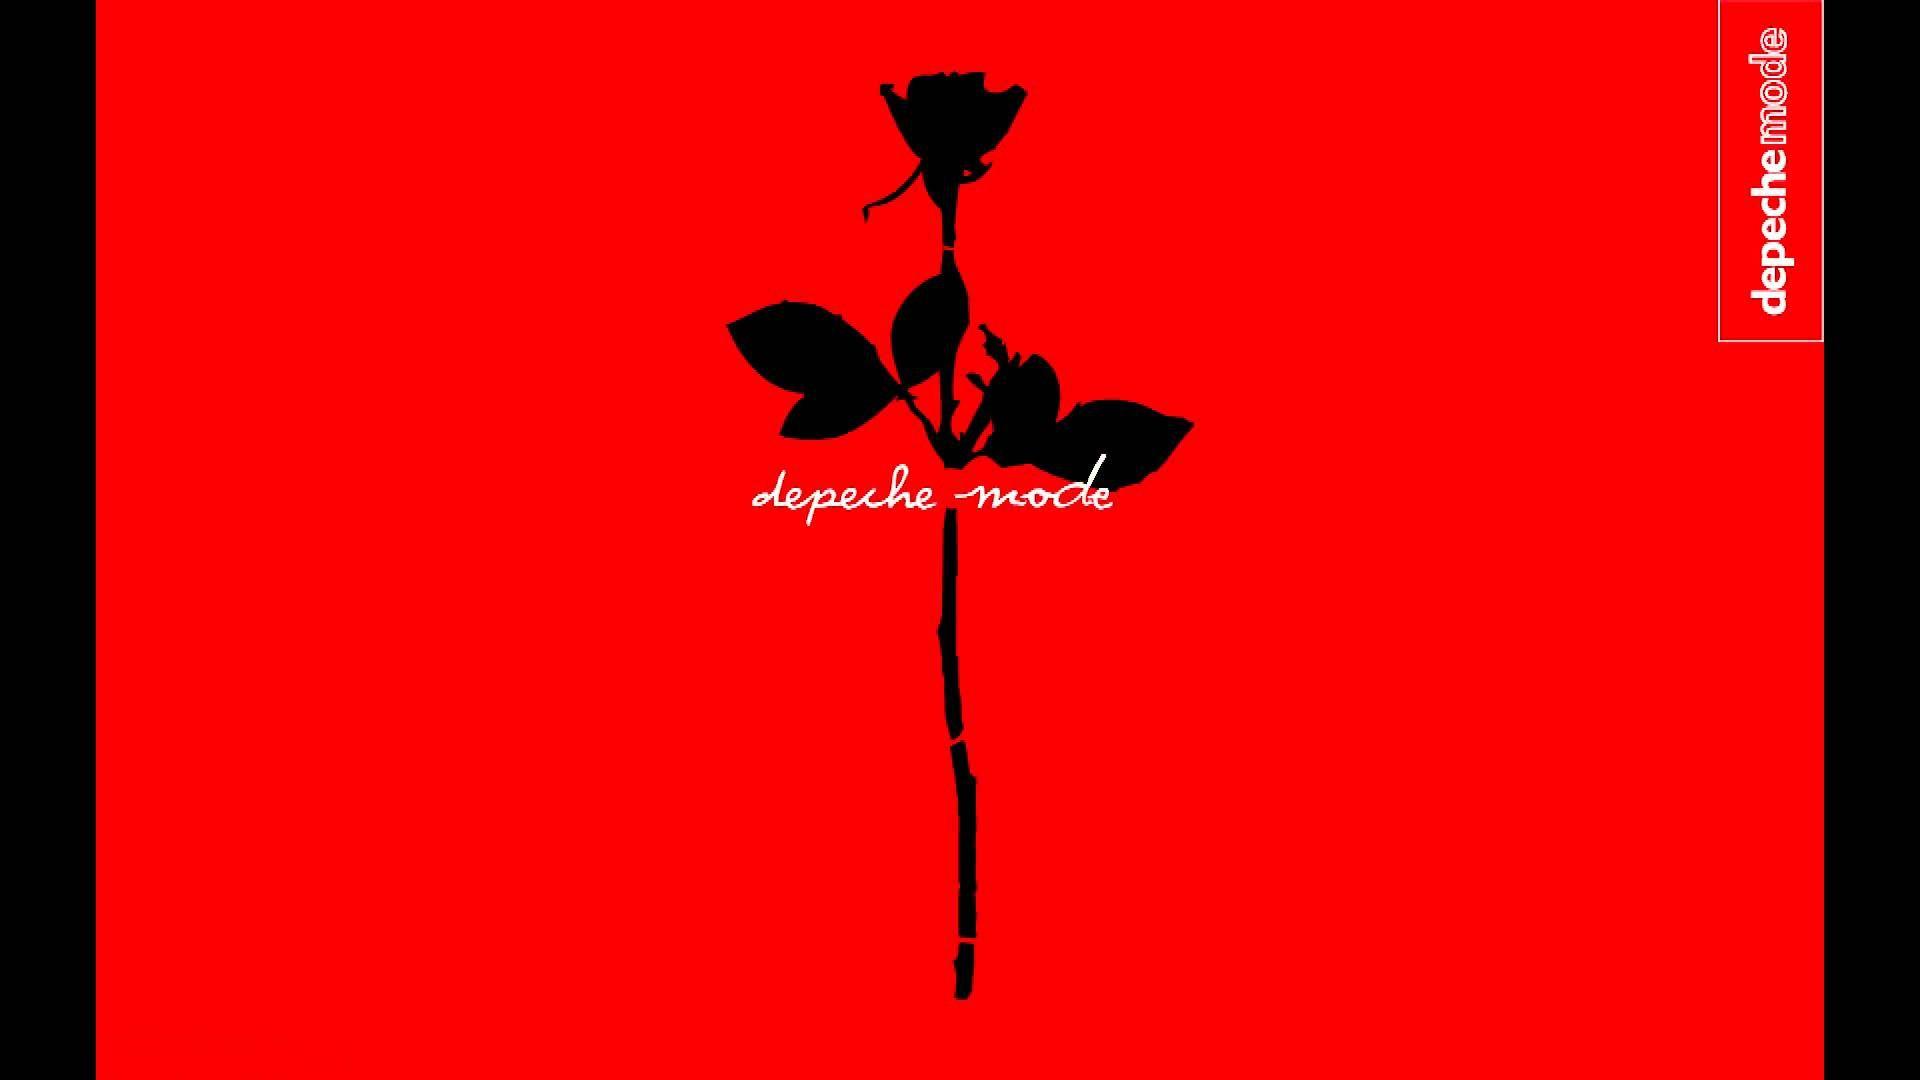 Caratulas Discos De Depeche Mode Buscar Con Google Depeche Mode